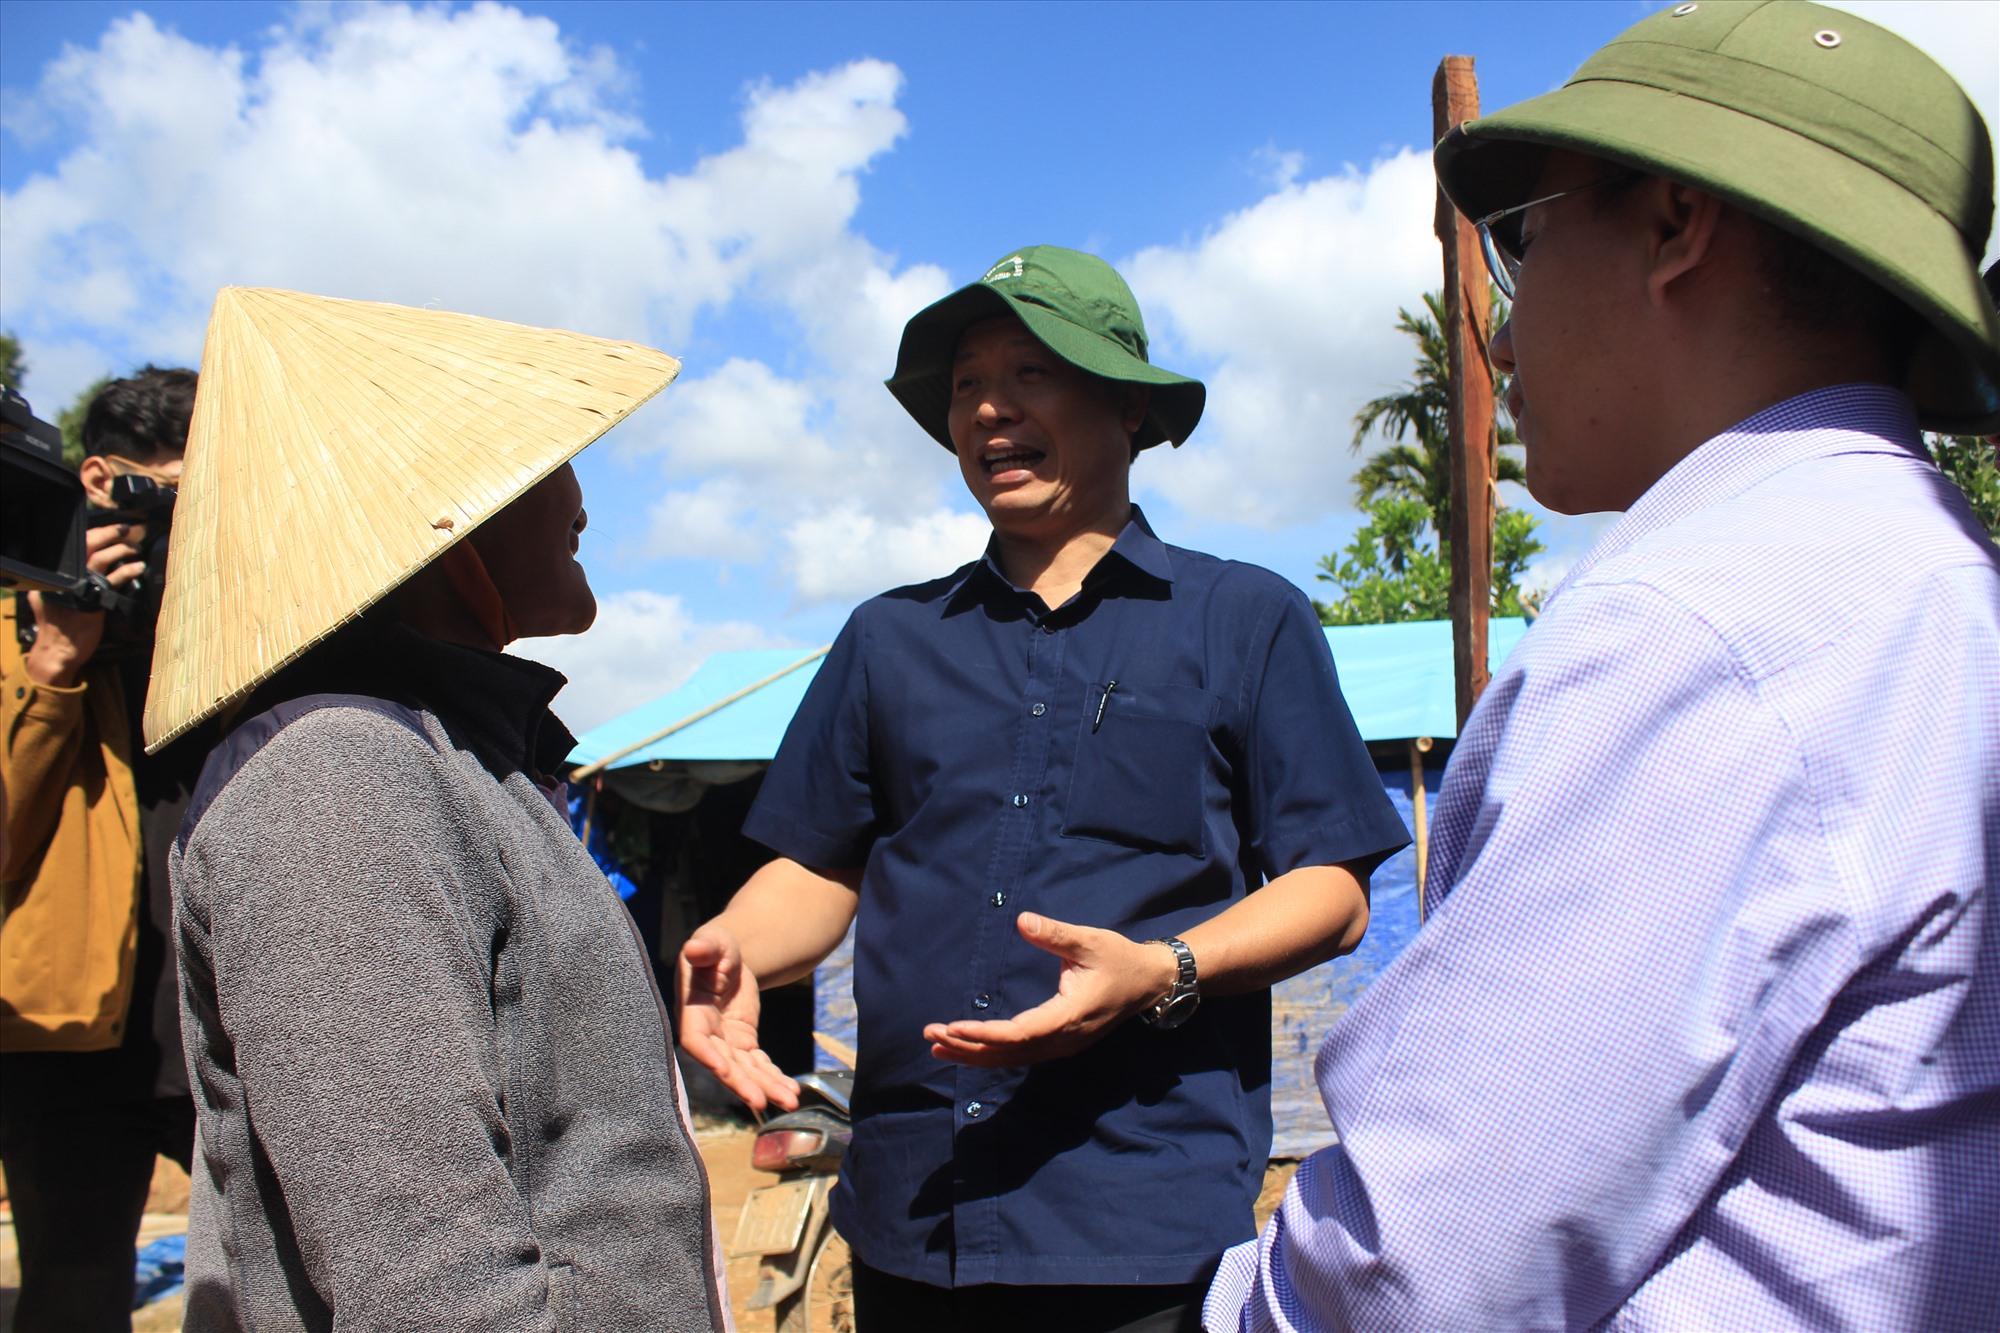 Phó Chủ tịch UBND tỉnh Hồ Quang Bửu trò chuyện cùng một hộ dân sắp sửa dọn vào nơi ở mới nhờ nguồn hỗ trợ của Nhà nước. Ảnh: T.C